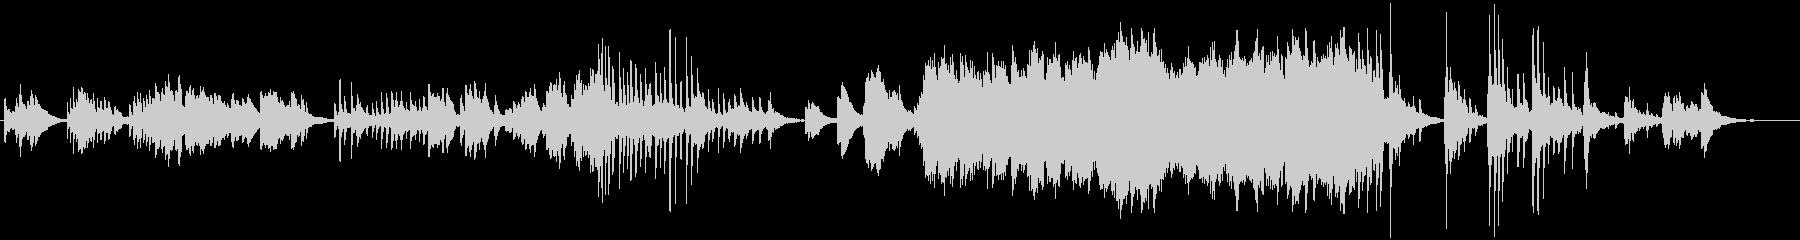 筝曲的なピアノの即興演奏の未再生の波形